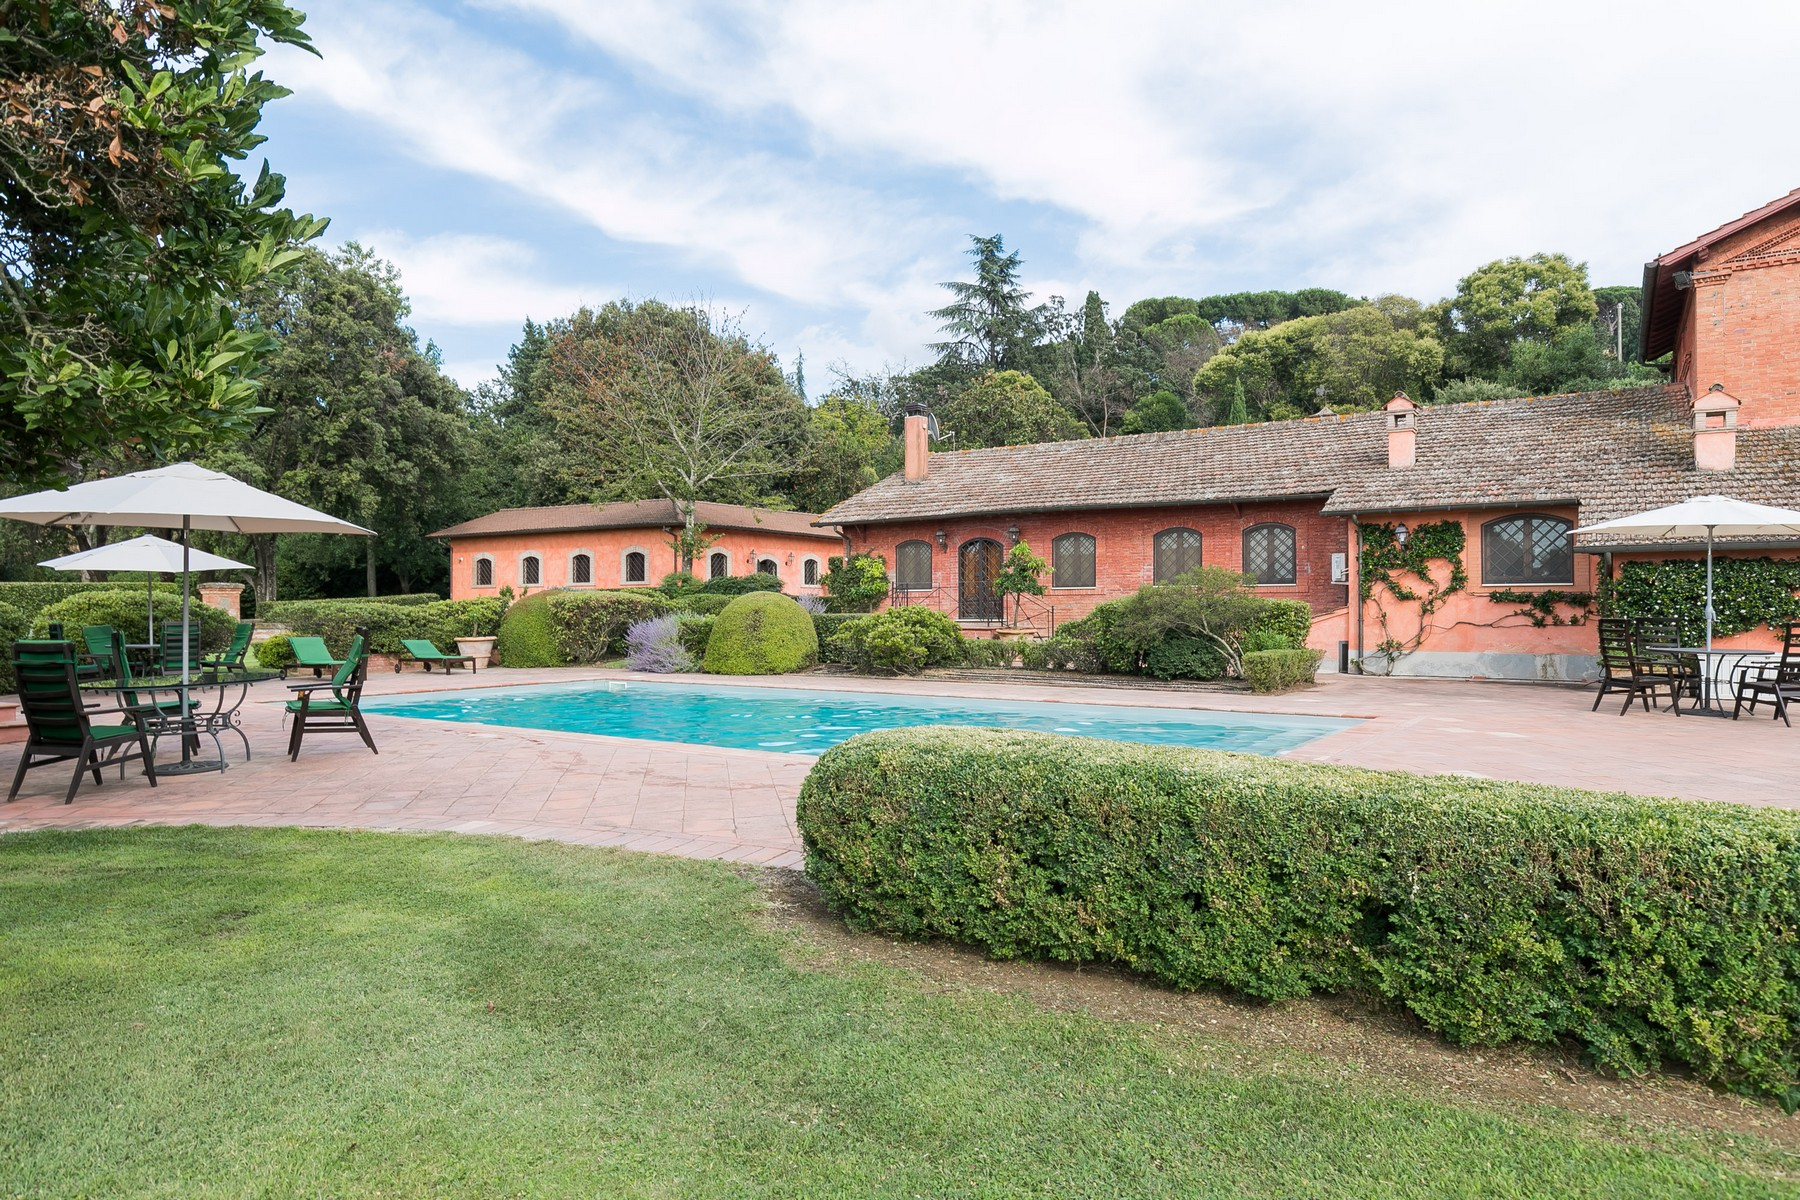 Villa in Affitto a Grottaferrata via dell alberata